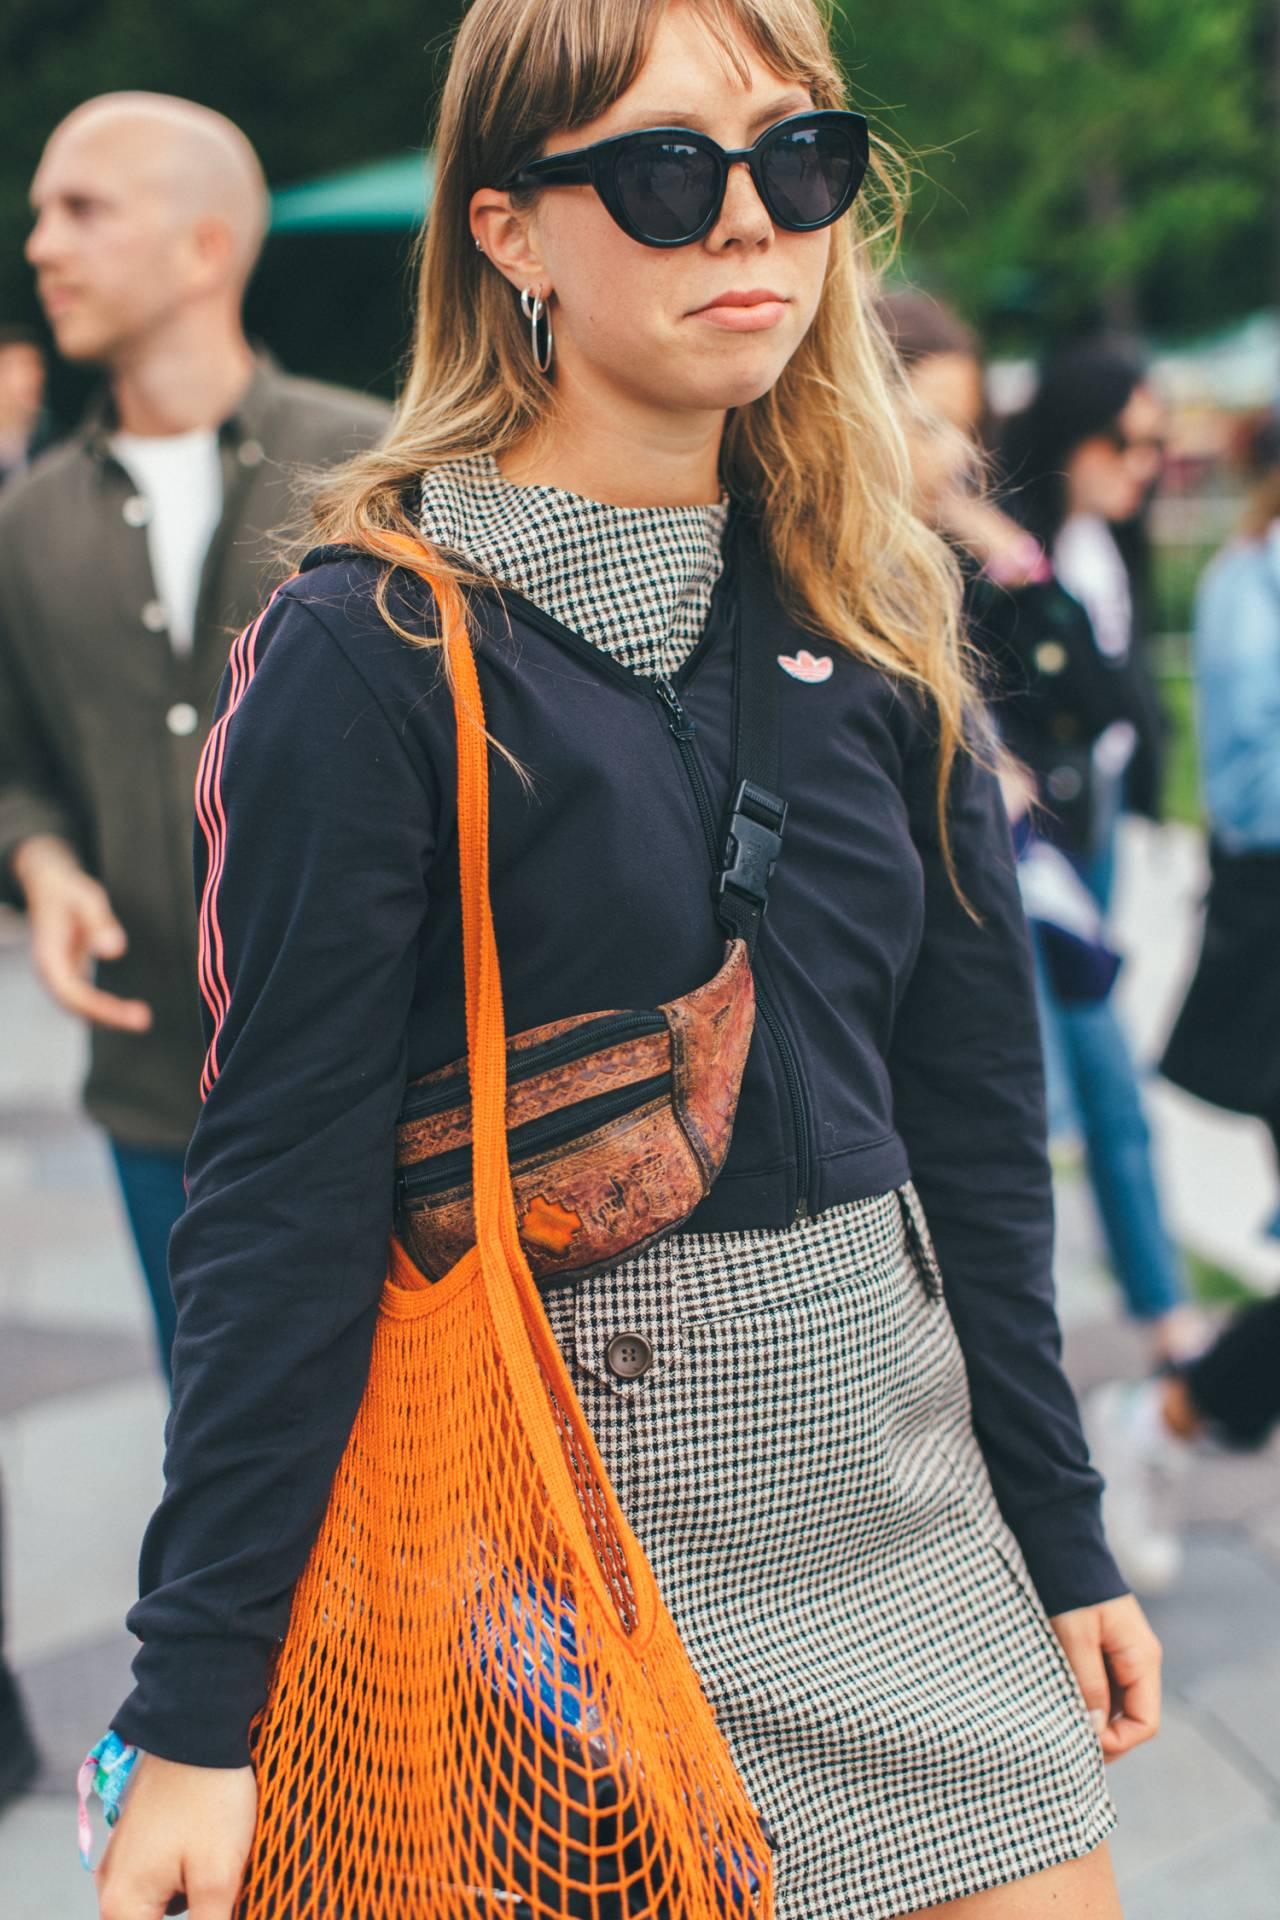 Tjej i rutig miniklänning, adidaströja och orange nätväska.